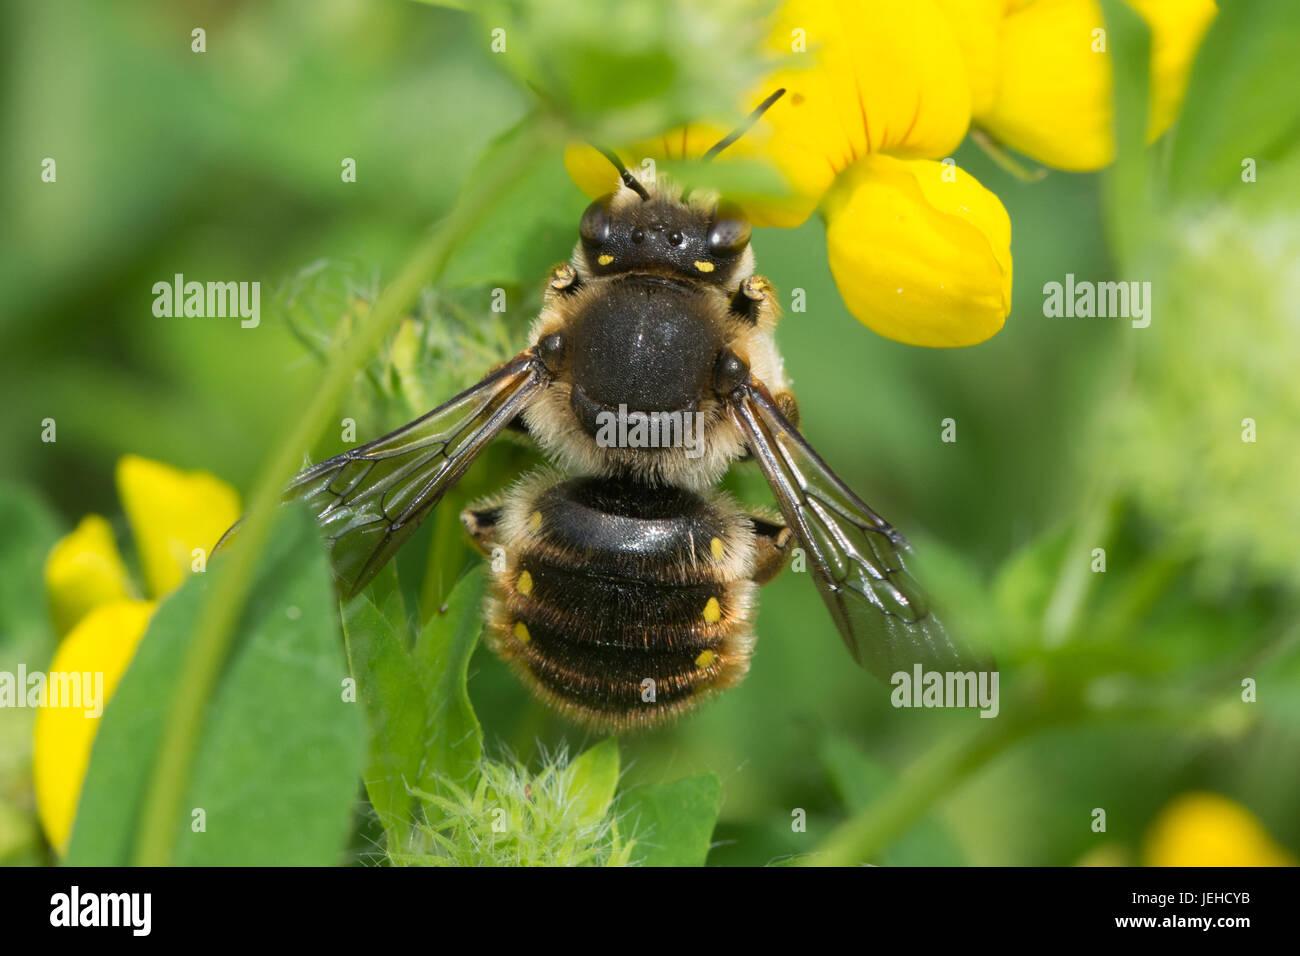 Nahaufnahme einer Wolle-Karde Biene (Anthidium Manicatum) Stockbild